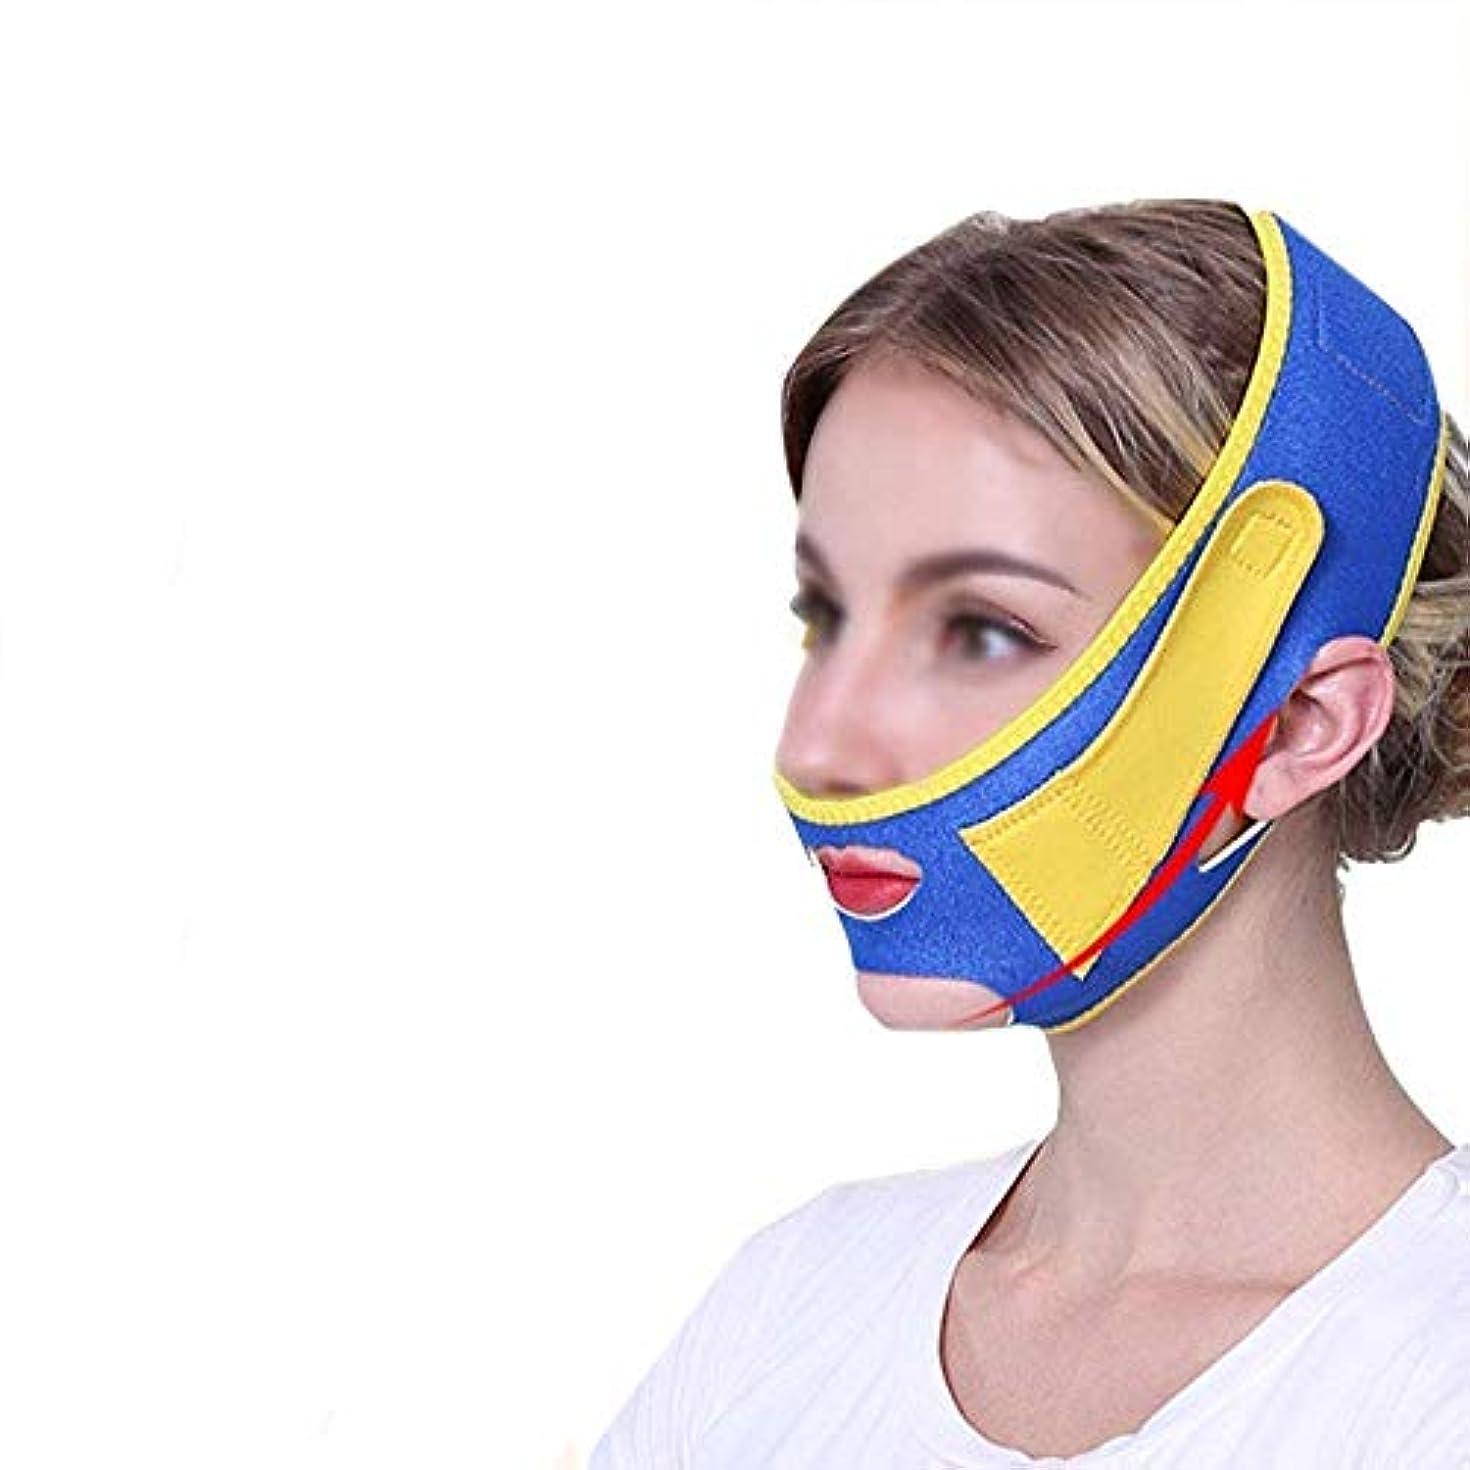 意図する閉塞単語美しさと実用的な薄型フェイスベルト、Vフェイスバンデージからダブルチンデクリーマスクリフティングファーミングスリープマスク